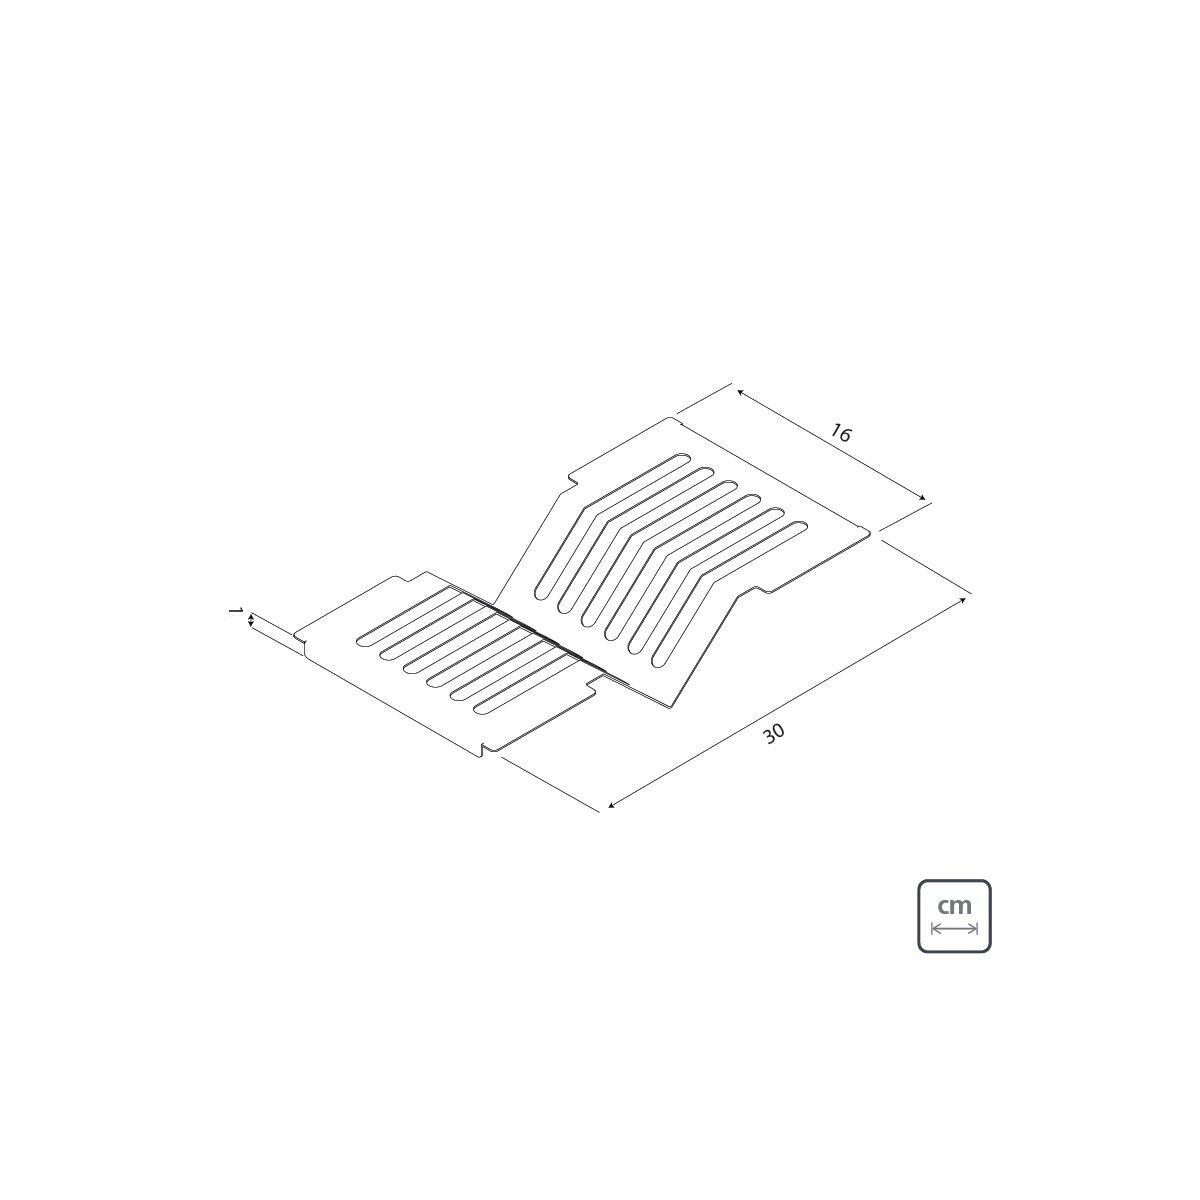 Escorredor Tramontina Scotch Brite 94534/015 em Aço Inox 30x15cm  - Casa Mattos